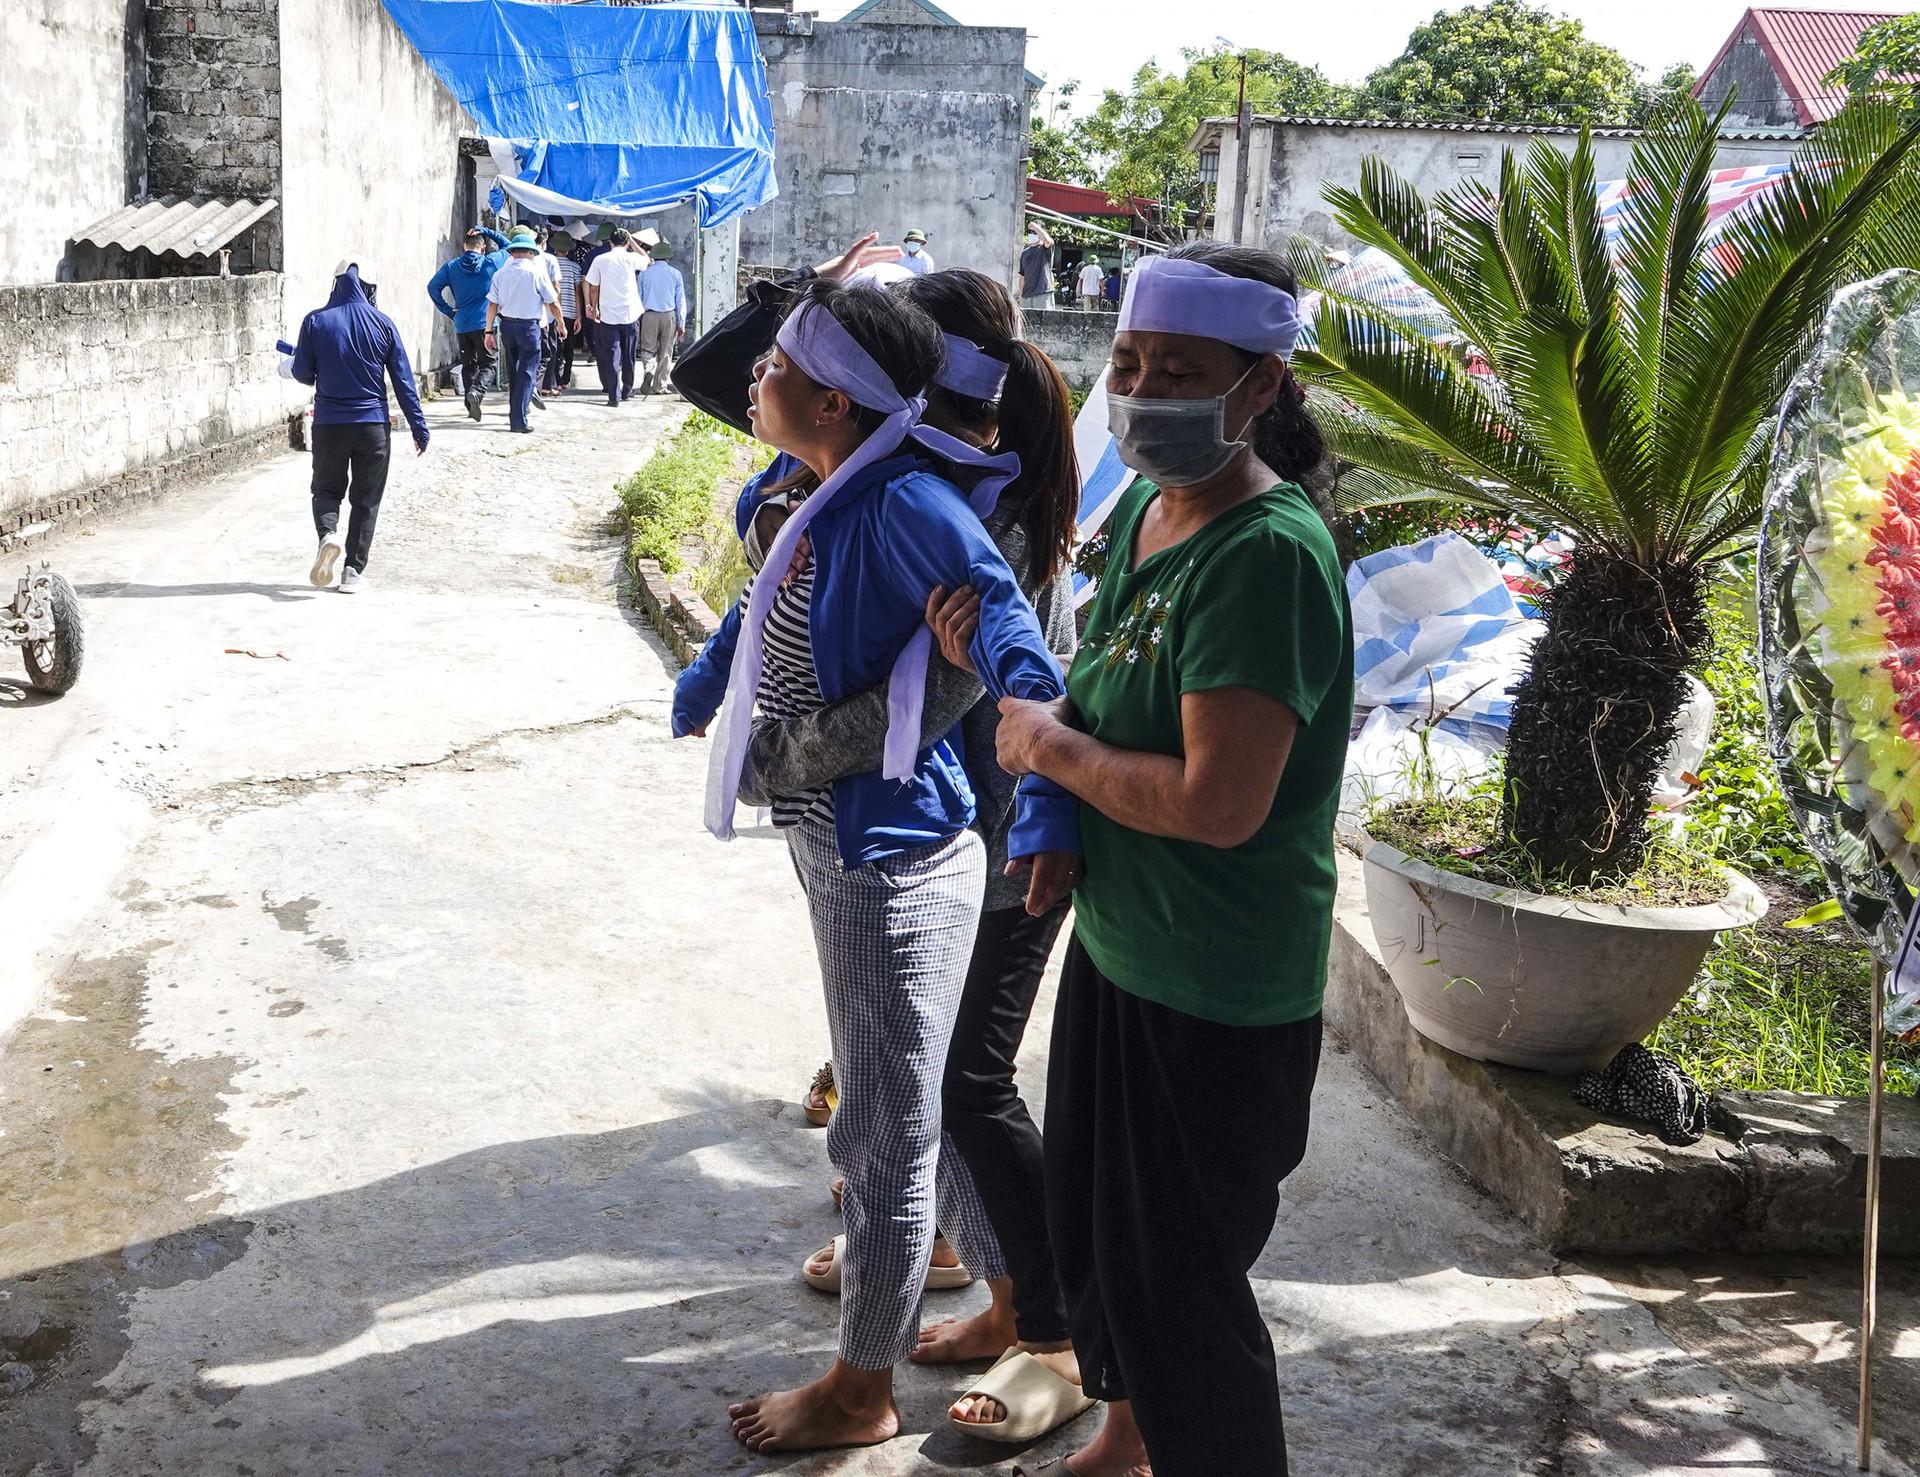 Vụ thảm án ở Thái Bình: Đám tang vội của 3 nạn nhân khiến nhiều người xót xa-8